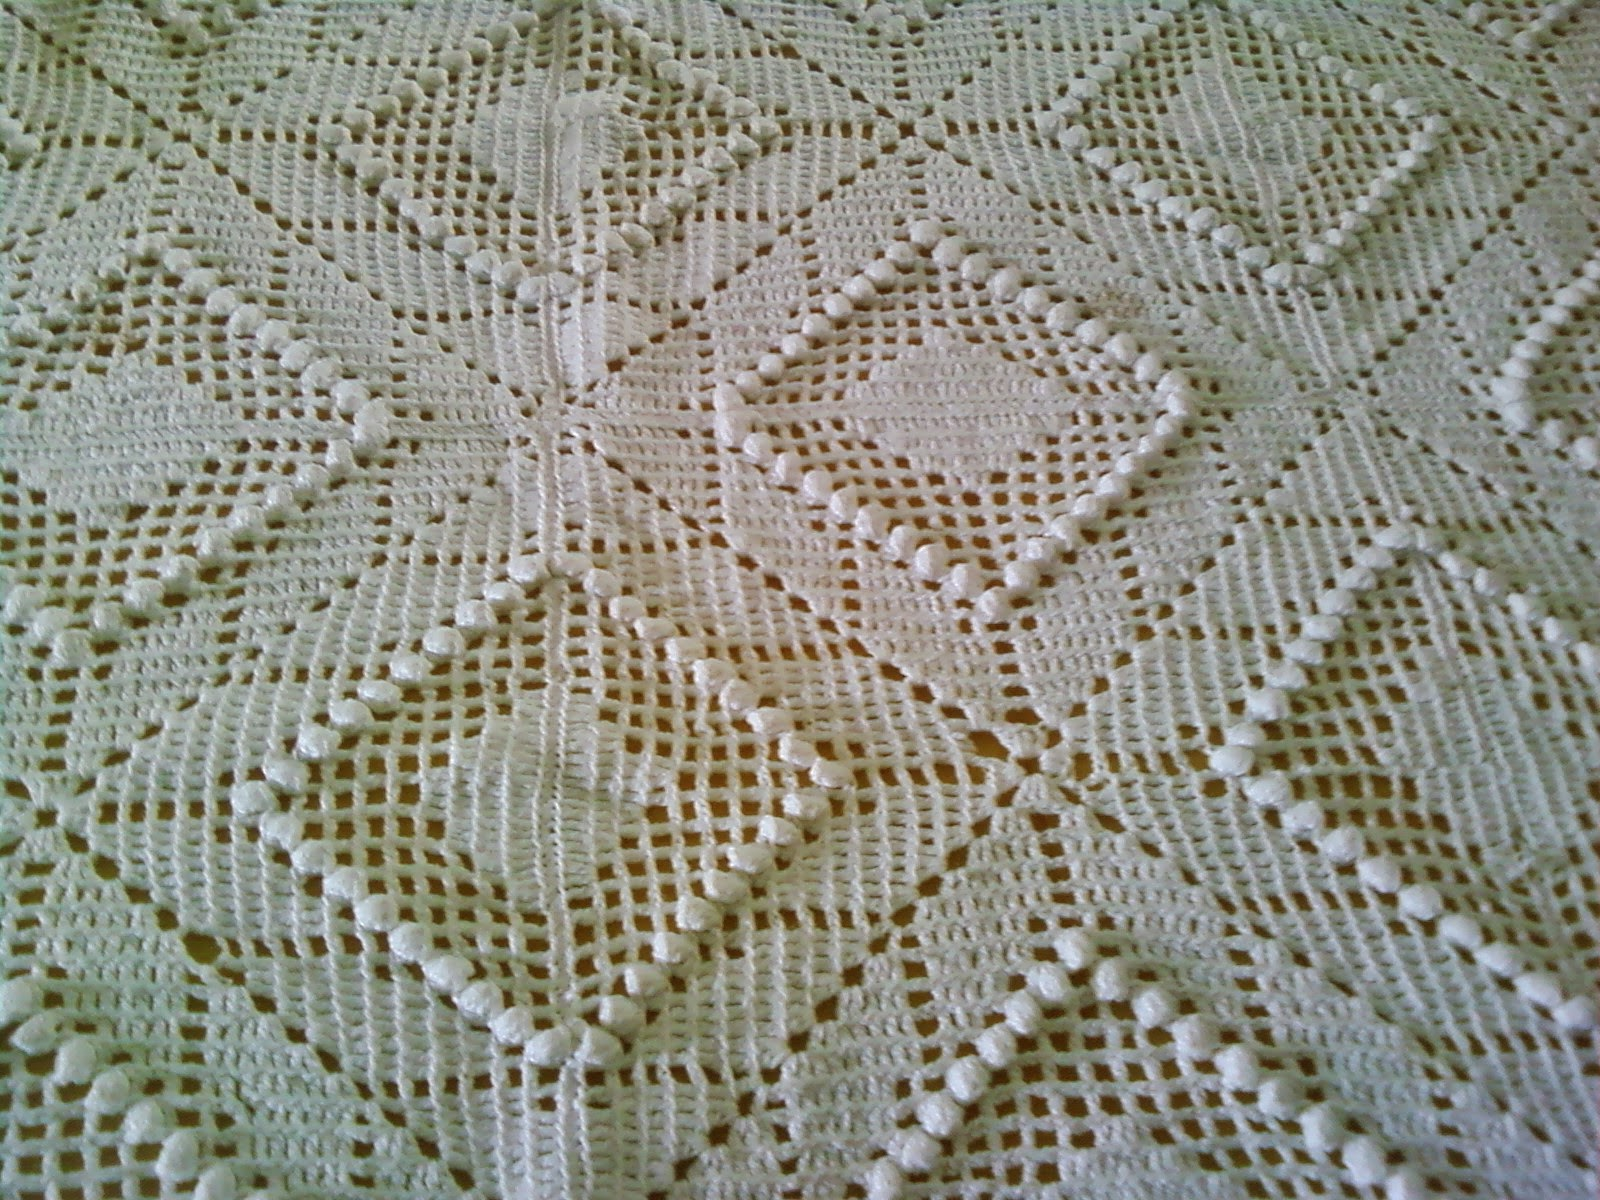 Arte Brasil Tapete No Tear : patchwork tapetes de retalhos tapetes a crochet tapetes persa tapetes